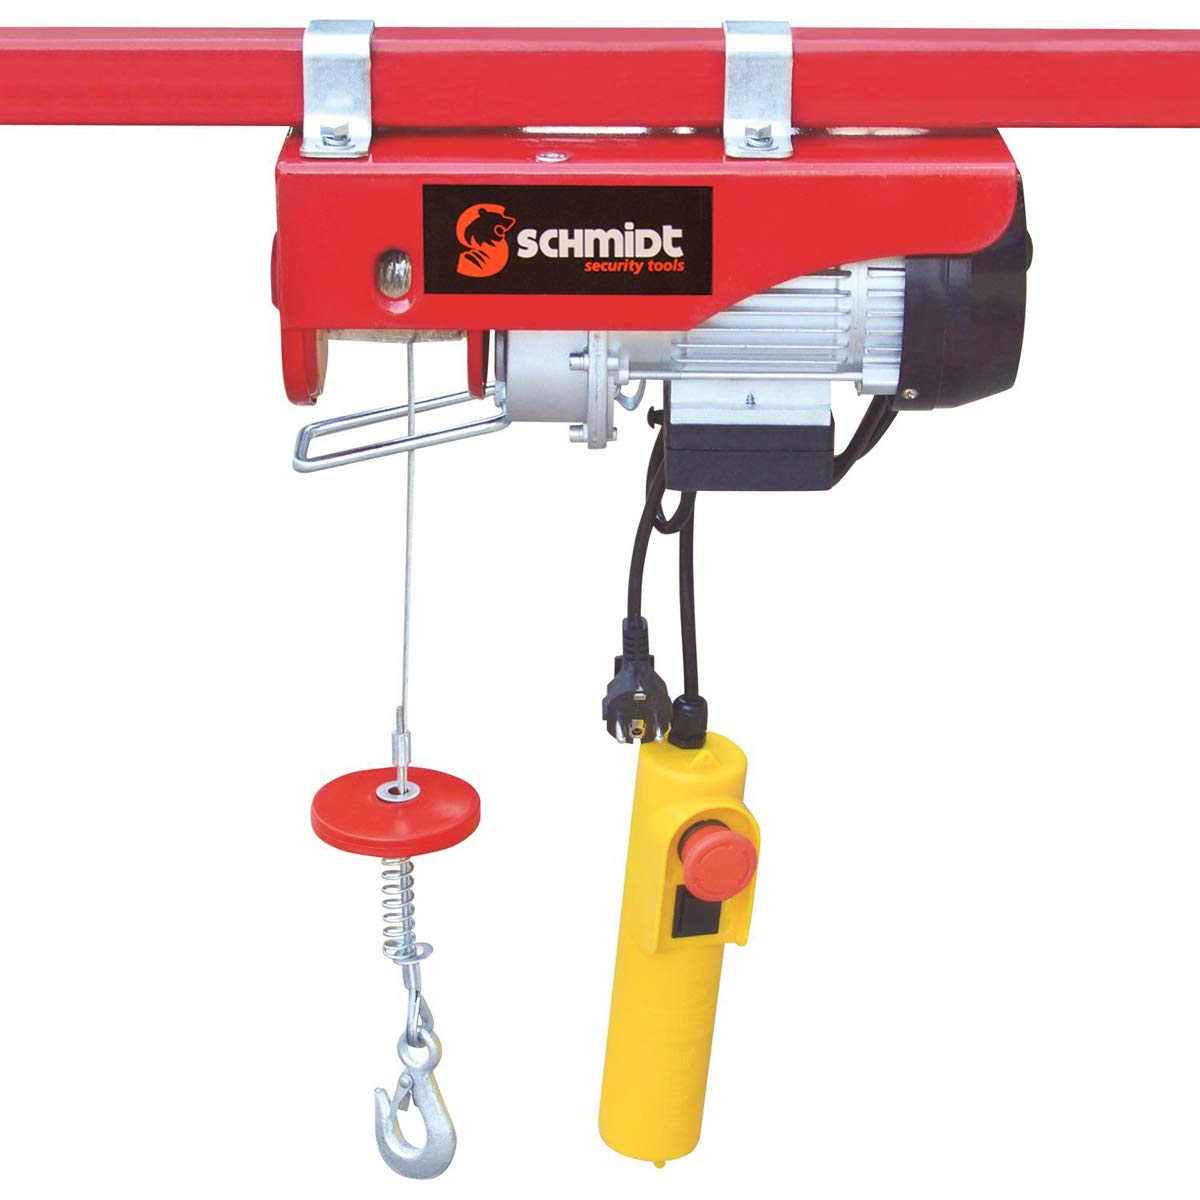 SCHMIDT security tools elektrische Seilwinde Motorwinde Flaschenzug Kran Seilzug Winde fü r bis zu 200 kg